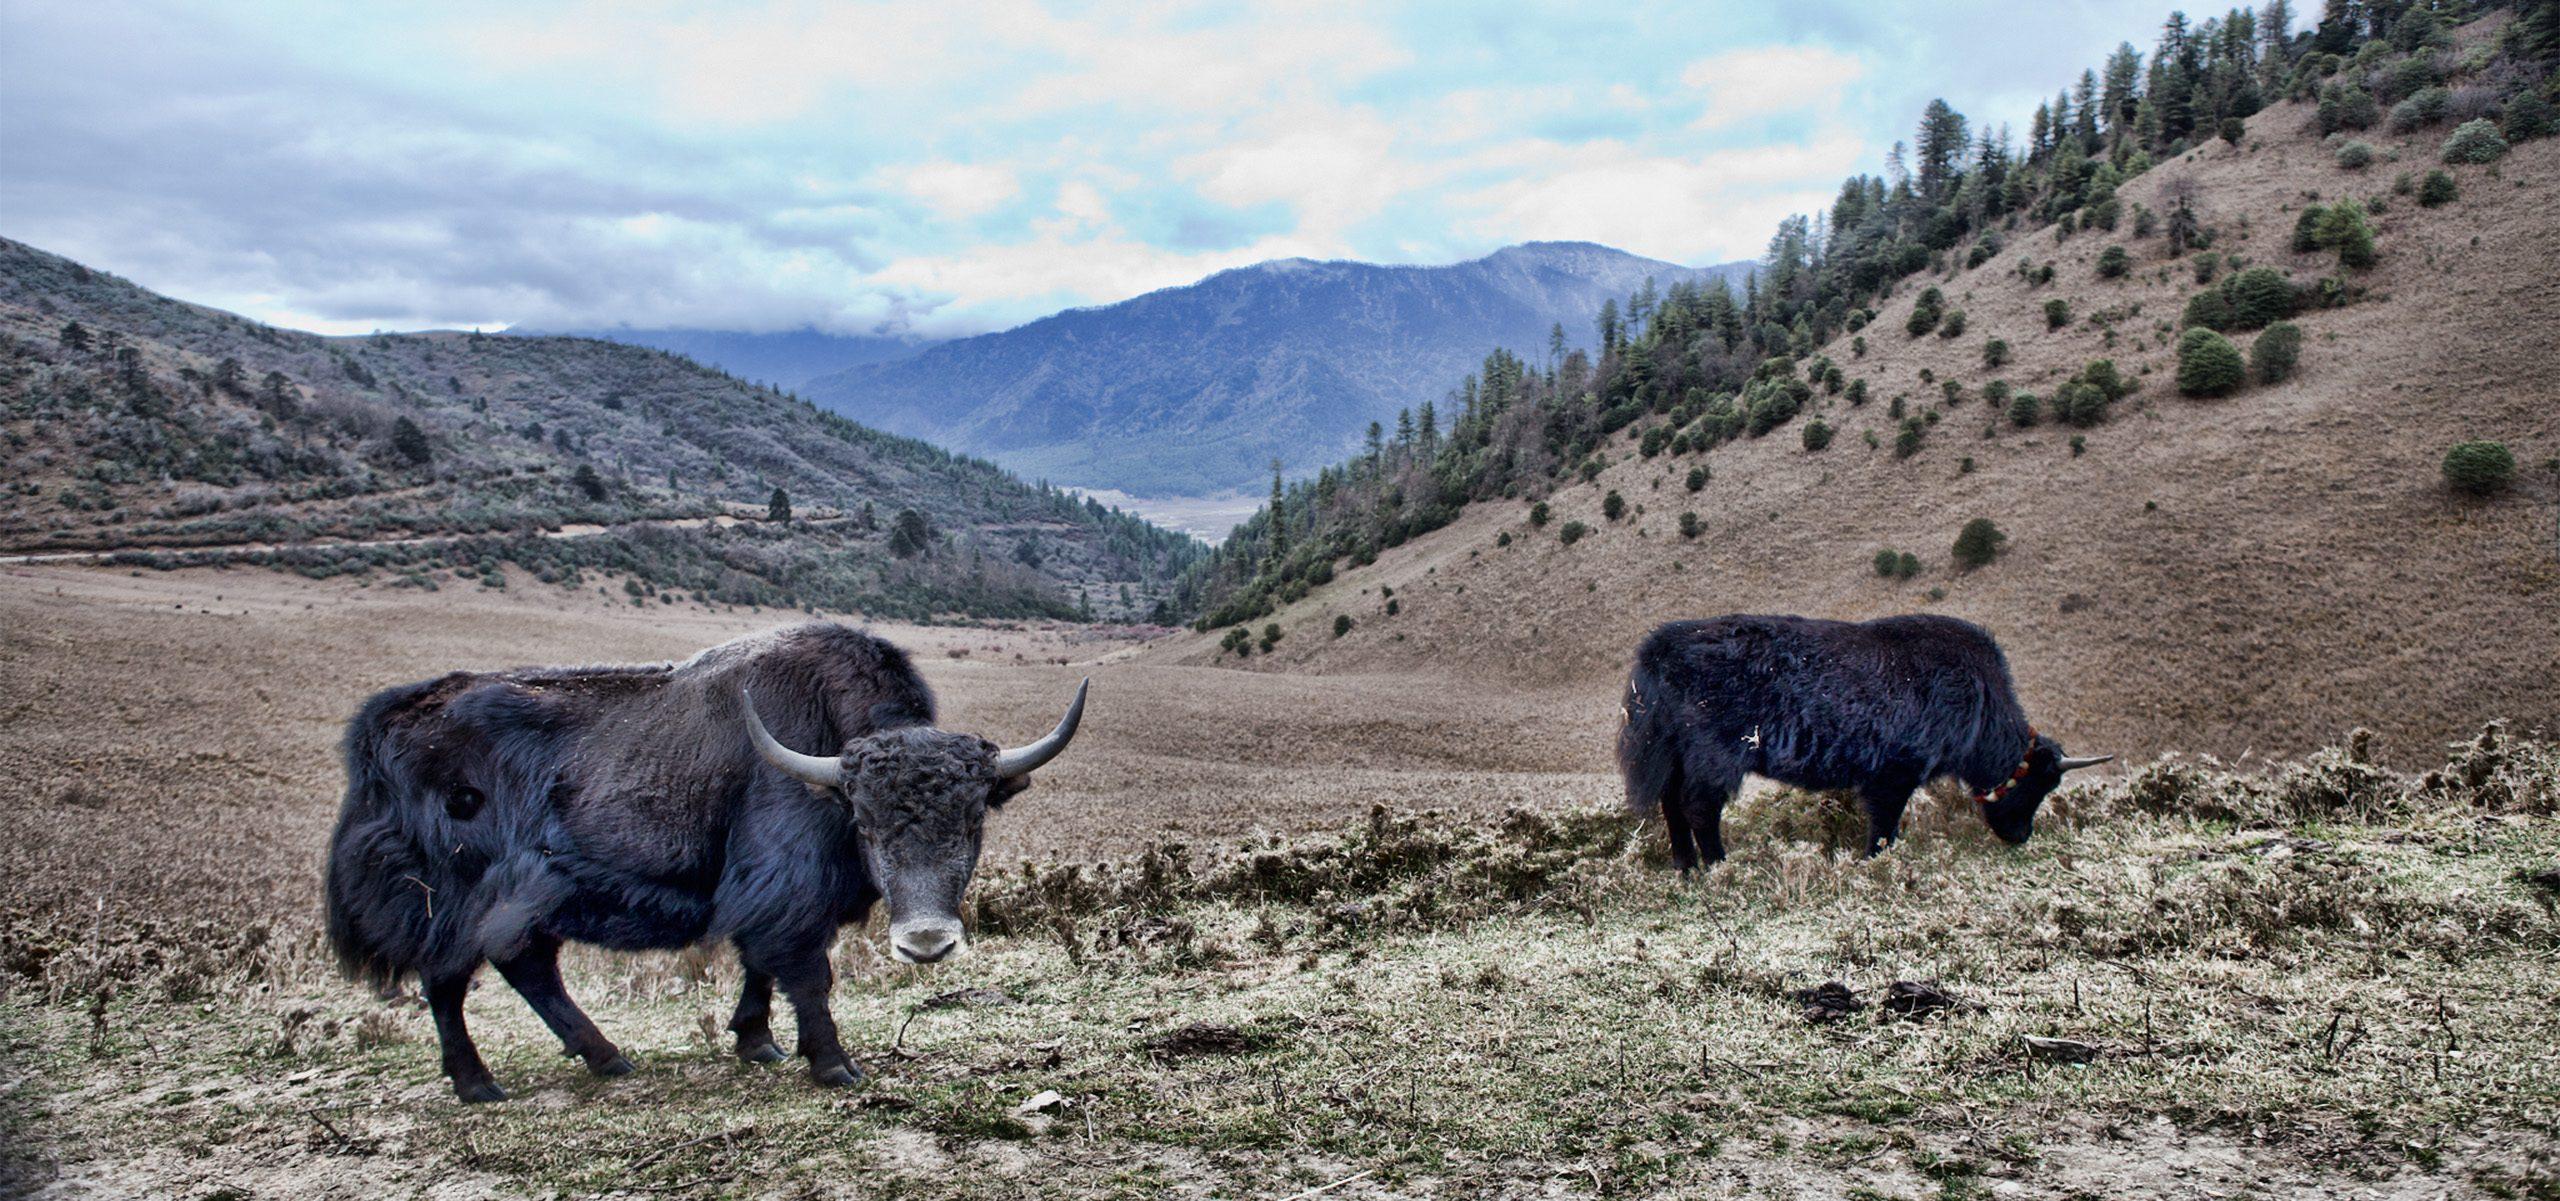 Bhutan - Yaks